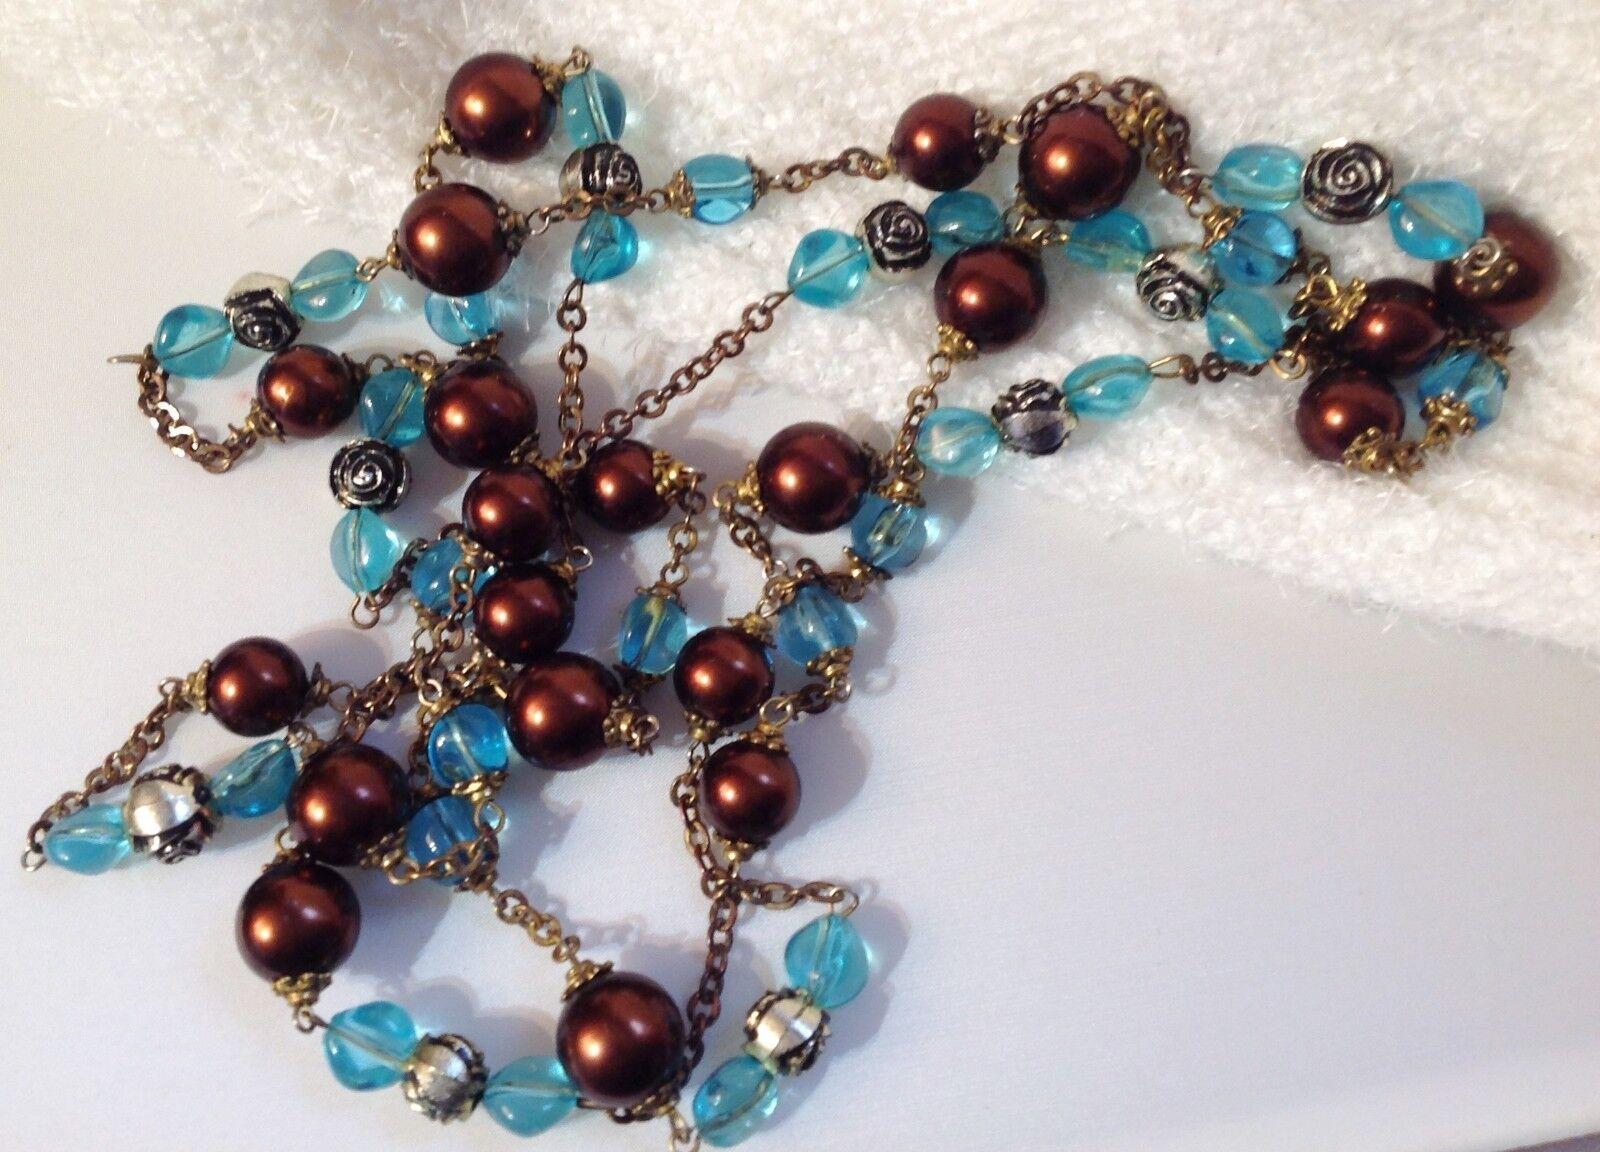 Sautoir vintage 160cm perle de verre blue et brown nacrée color or patiné 671